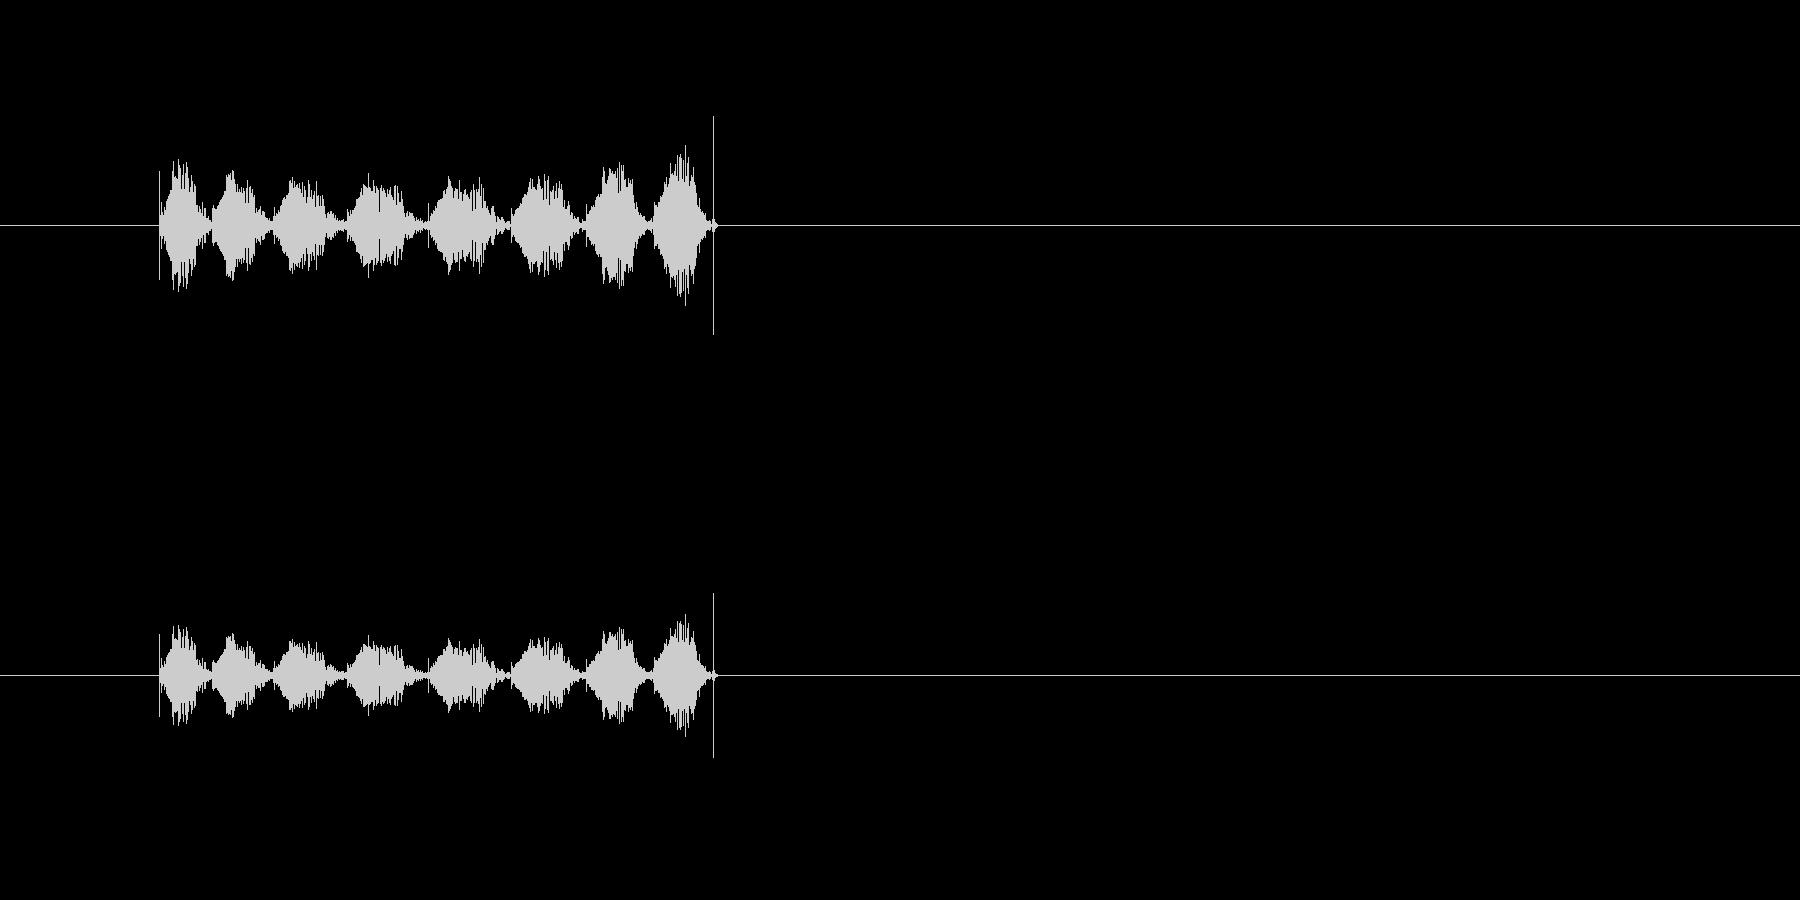 鳥、猿、かわいいモンスターの鳴き声の未再生の波形